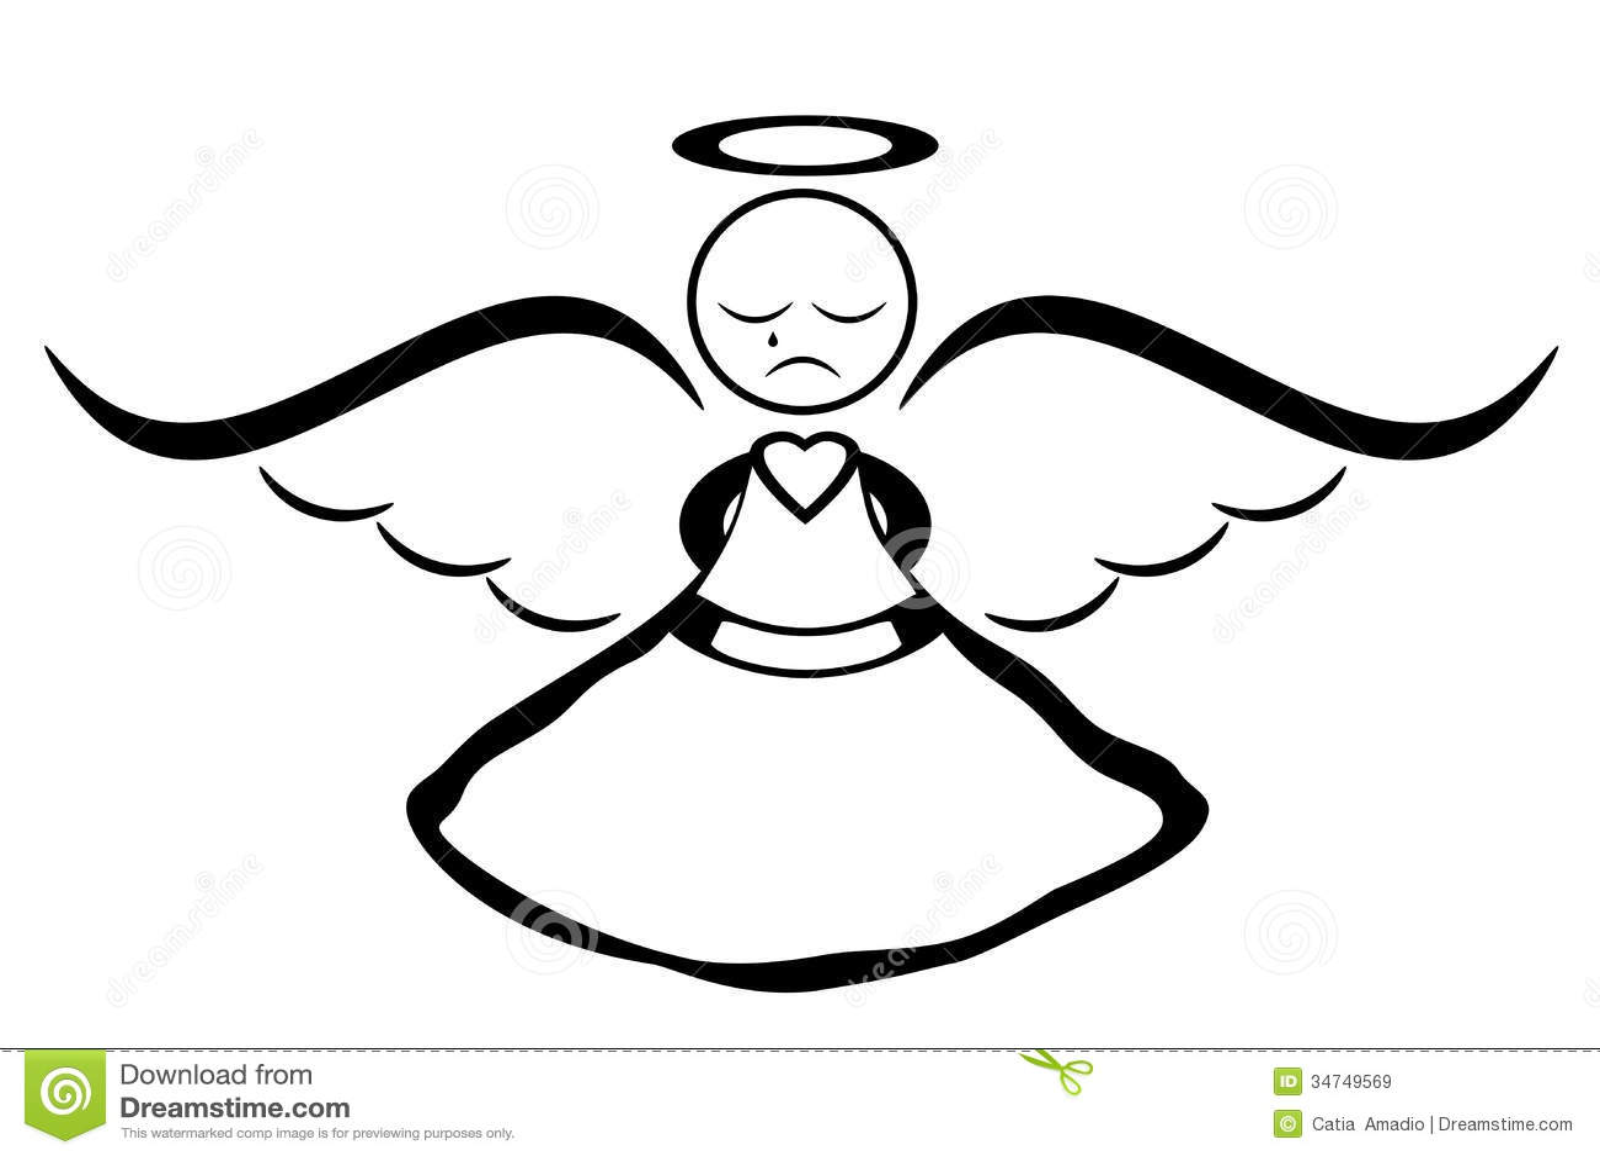 Kerst Kleurplaat Kerstbal Crying Angel Royalty Free Stock Images Image 34749569